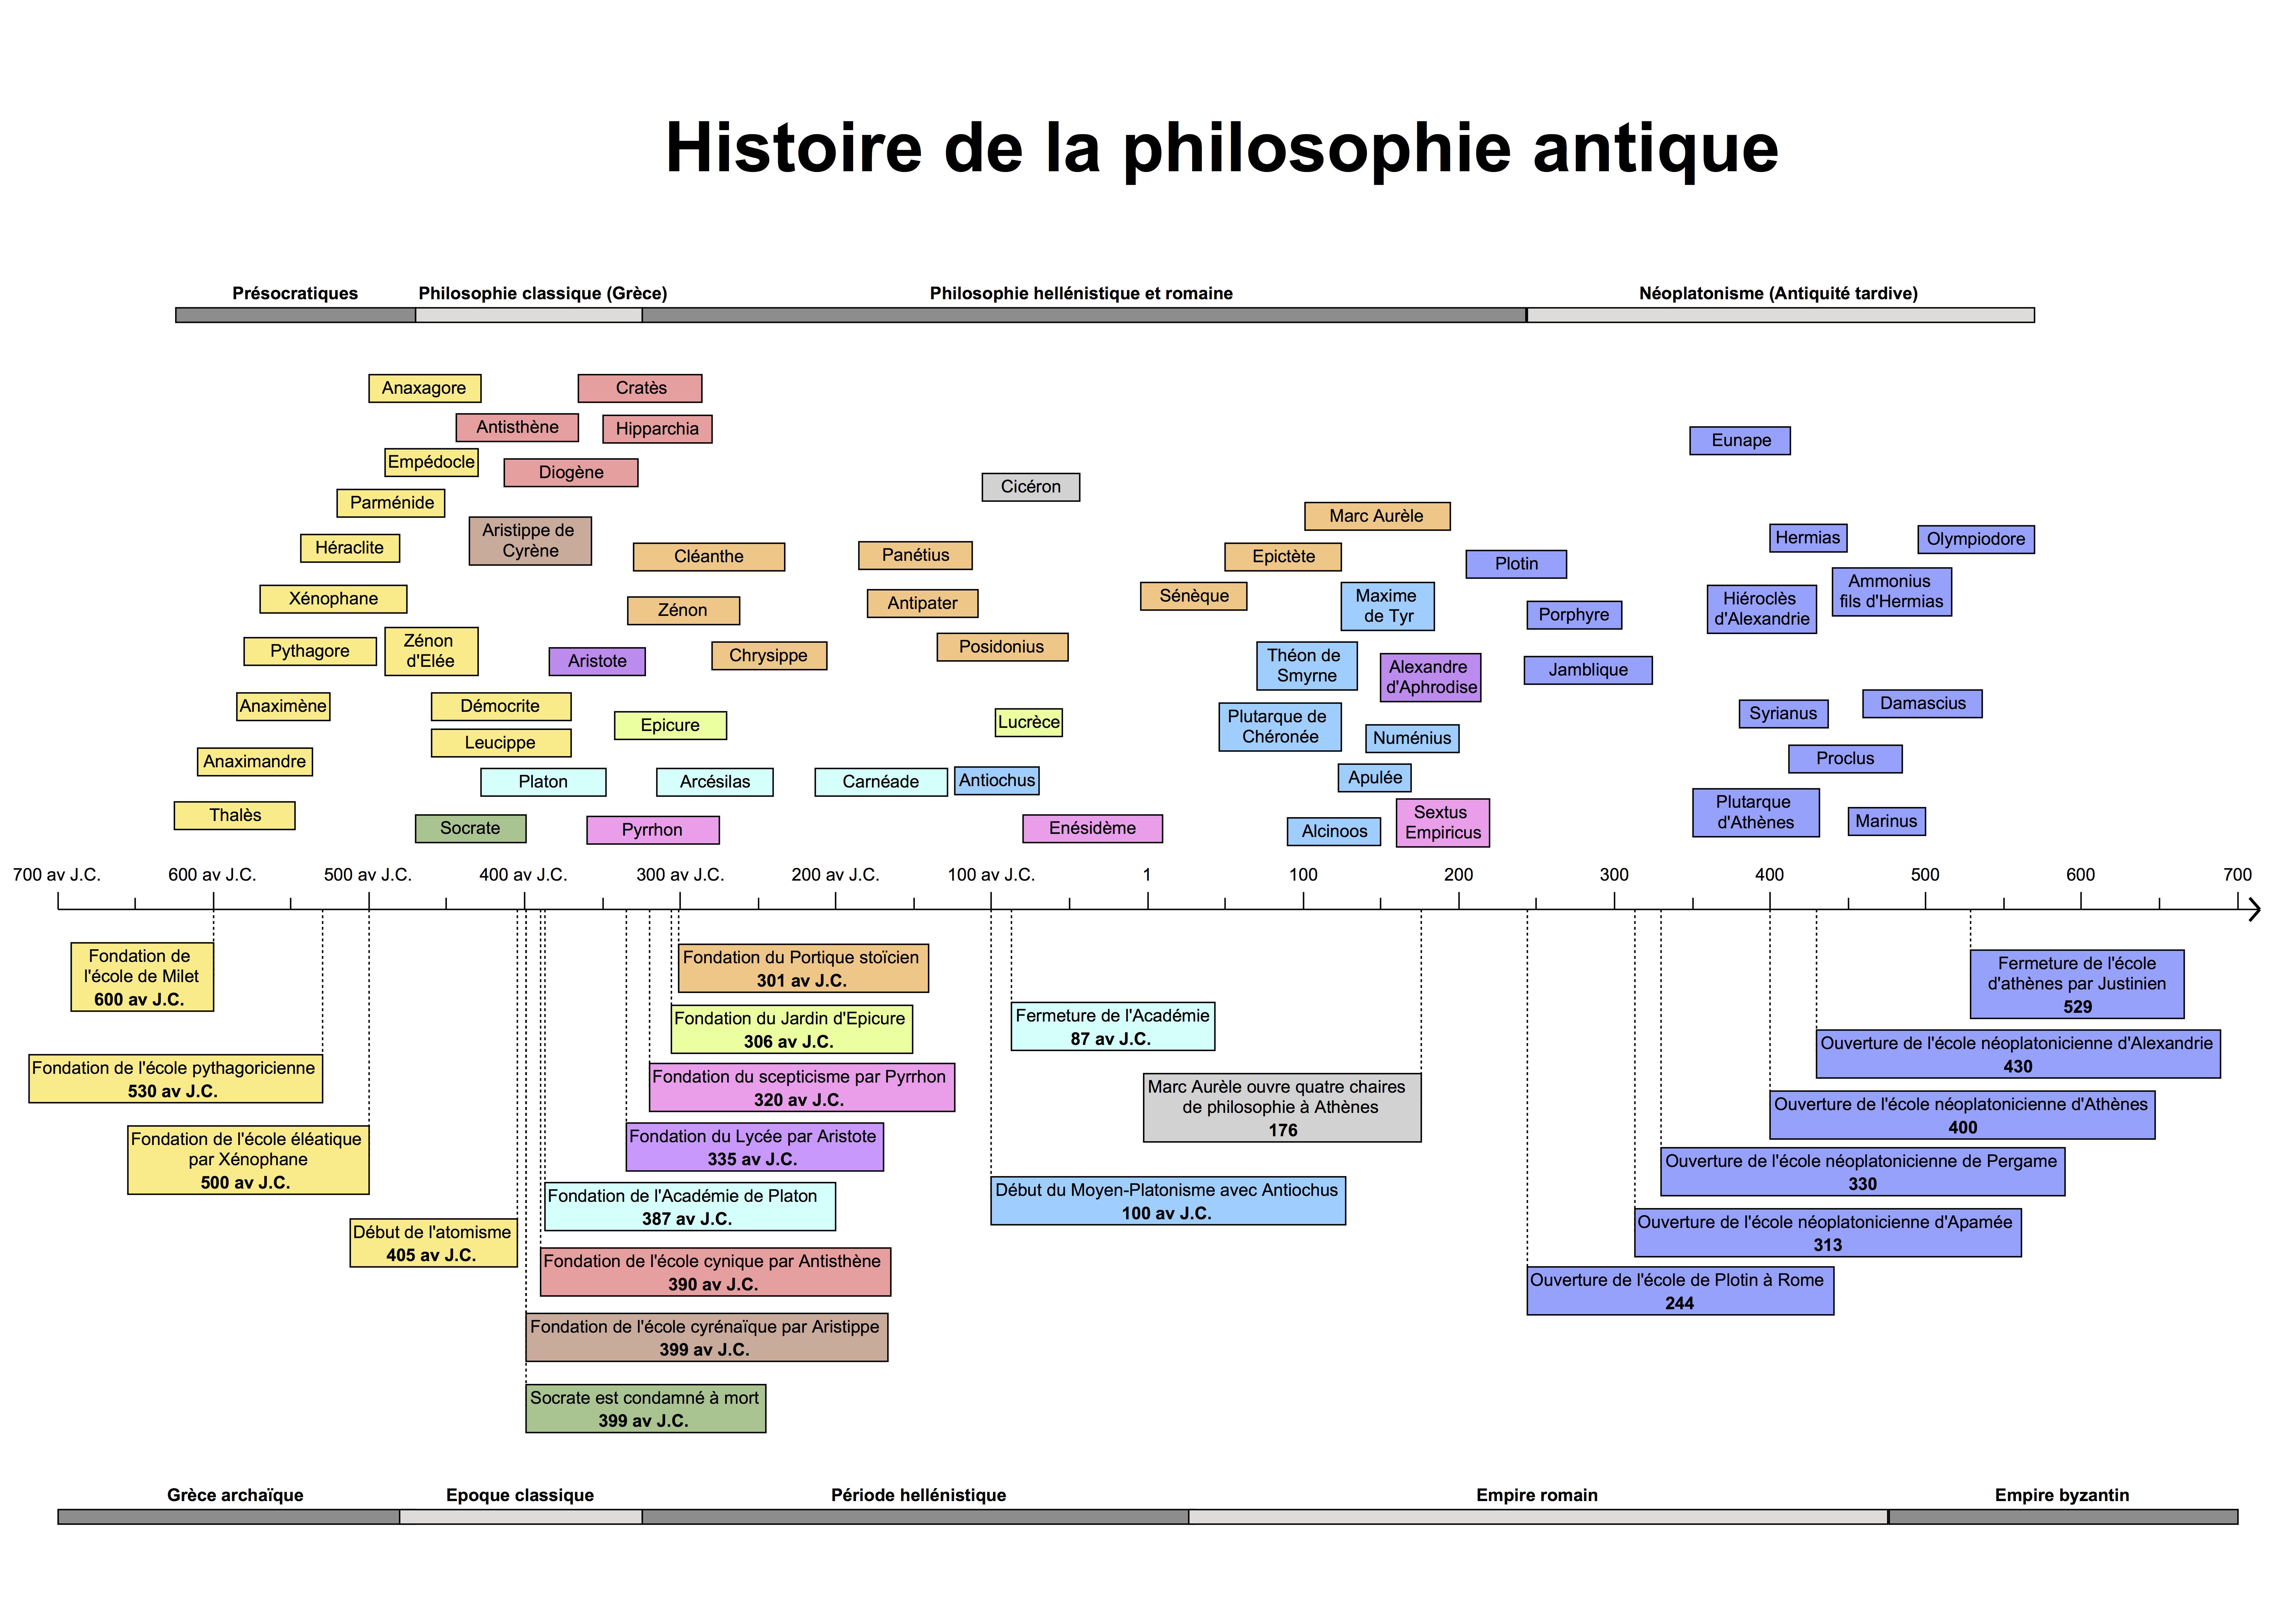 Histoire De La Philosophie Antique Une Frise Chronologique